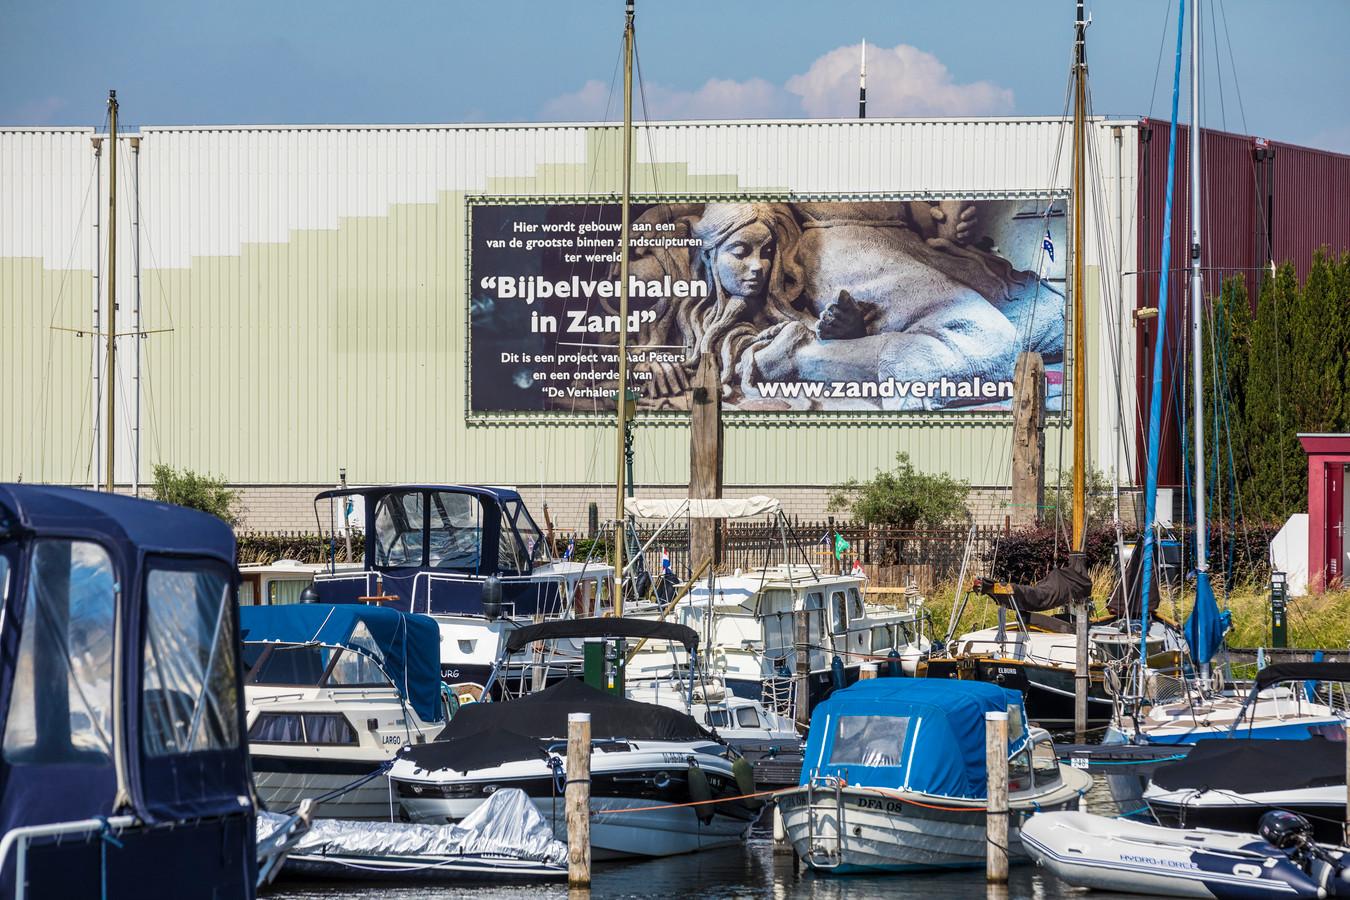 De voormalige fabriekshallen aan de haven van Elburg zijn onder leiding van Aad Peters omgetoverd tot een ruimte waar een permanente expositie van zandsculpturen is te zien.